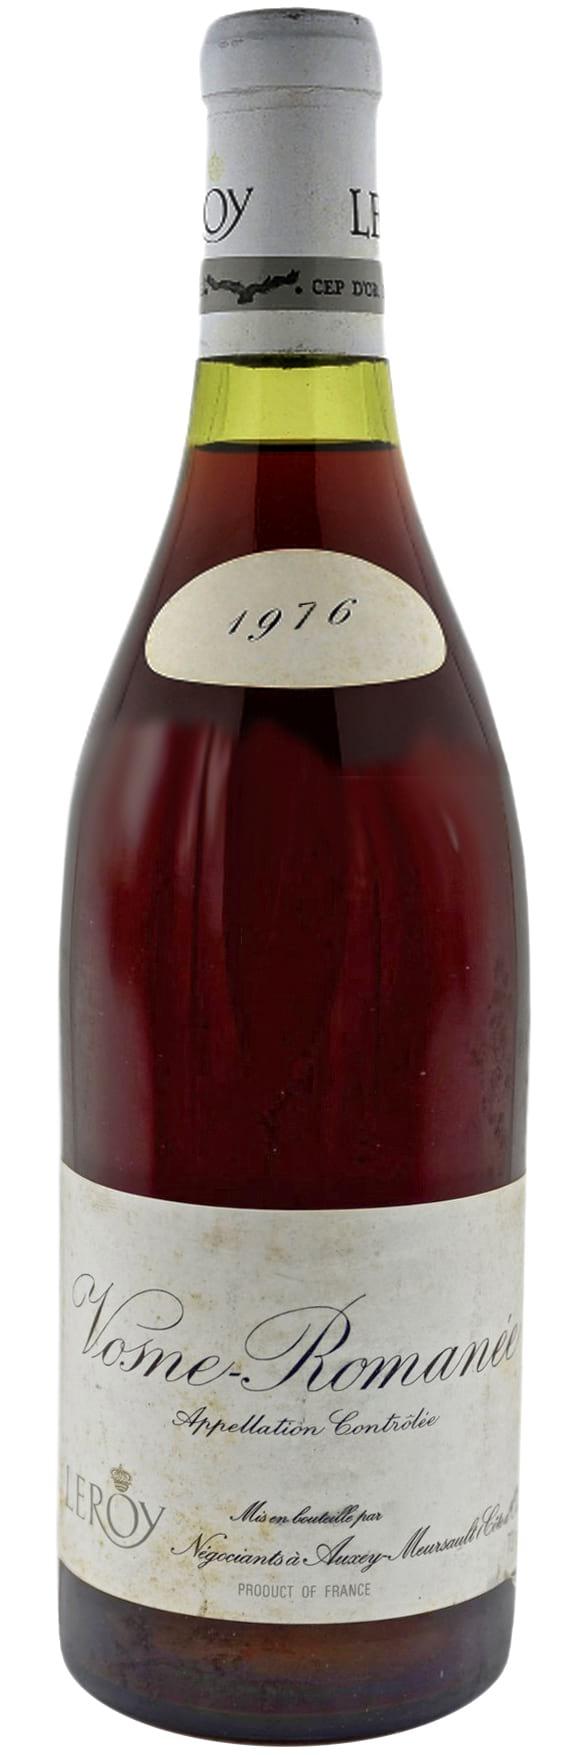 1976 Domaine Leroy Vosne-Romanee фото